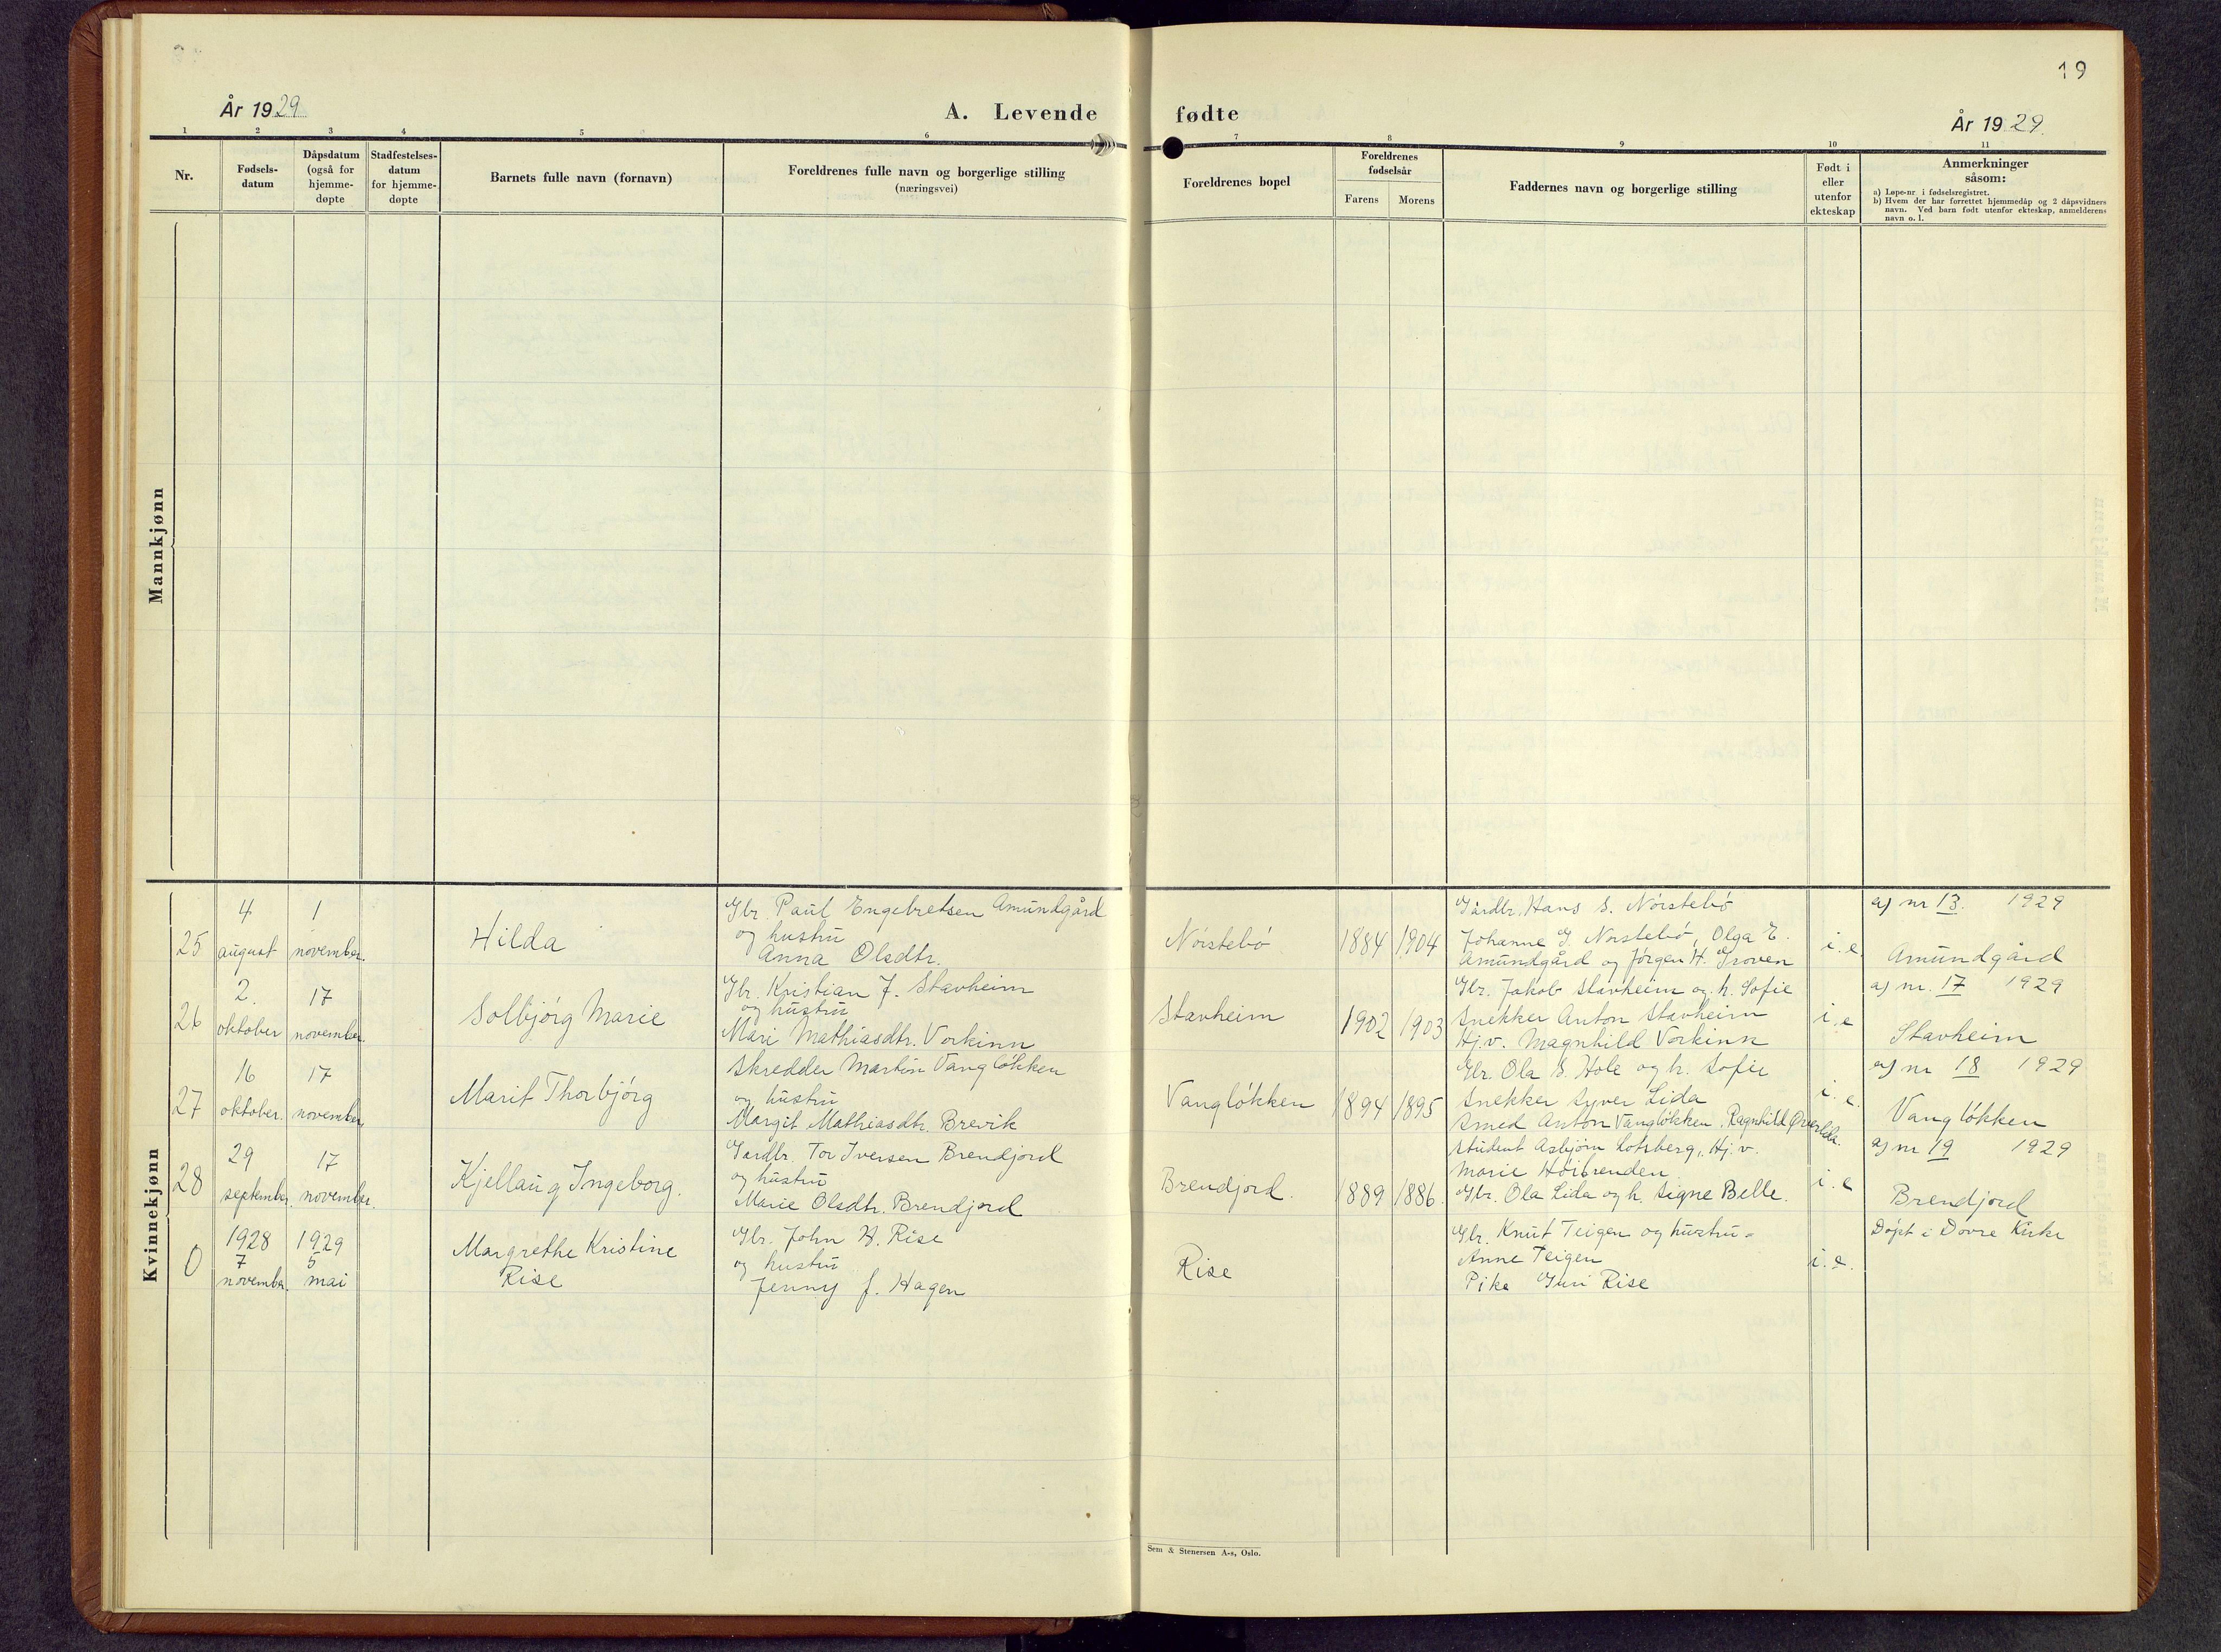 SAH, Lesja prestekontor, Parish register (copy) no. 10, 1925-1960, p. 19